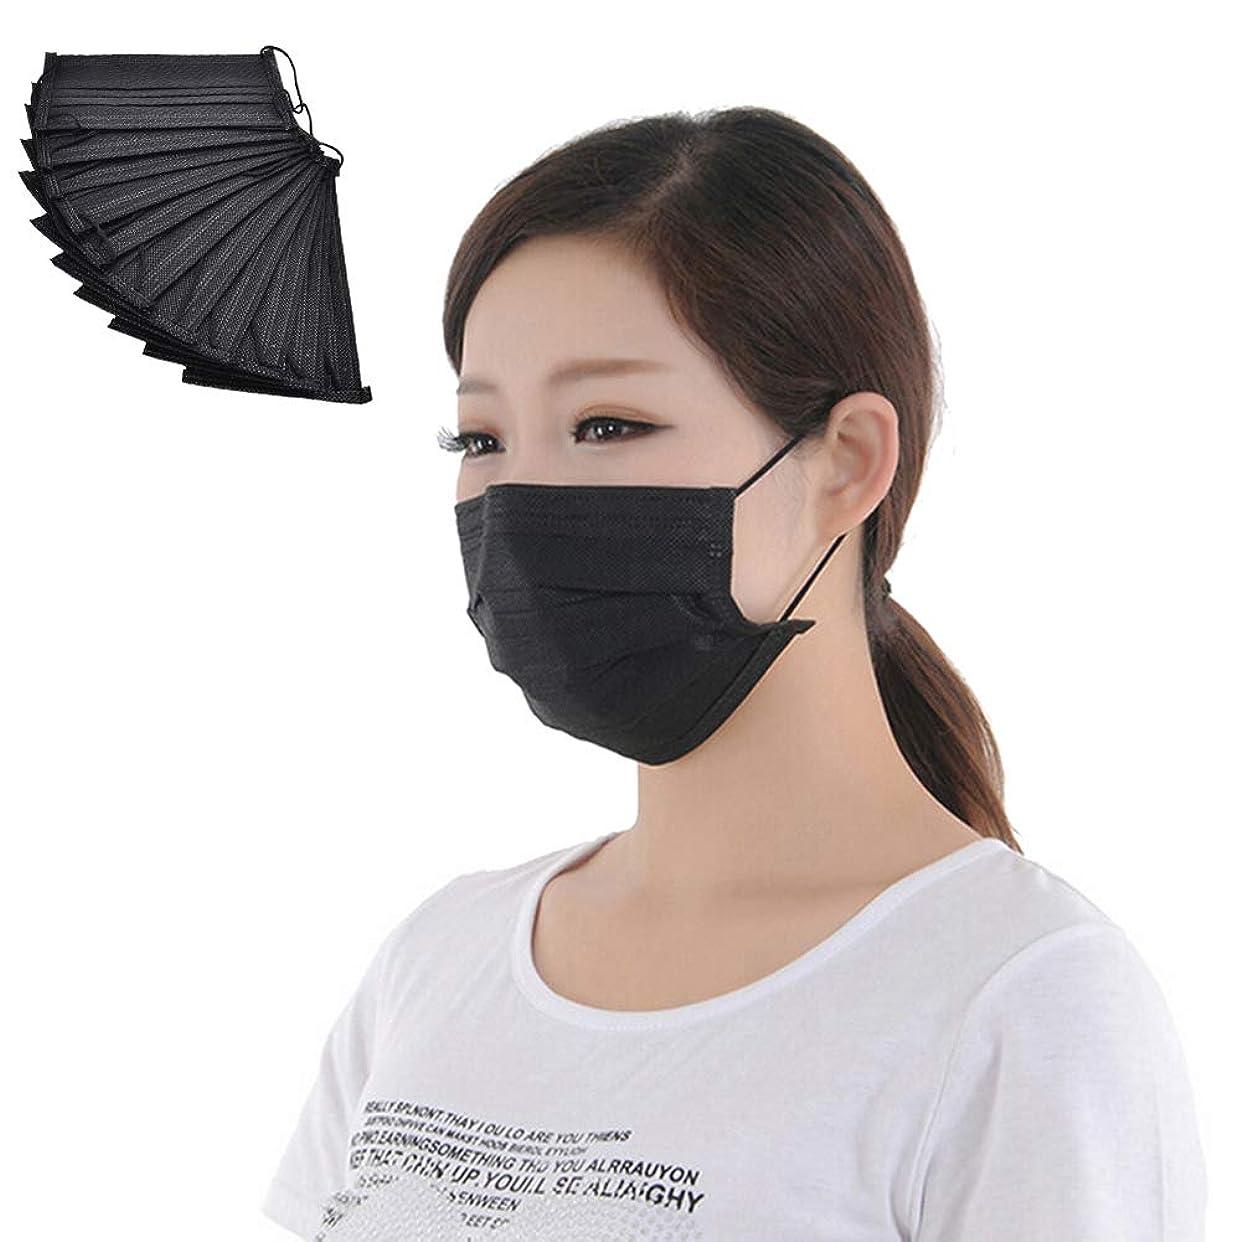 ミトン超音速僕のcozyswan マスク 折り畳み 吸着効率 通気性 防塵 保温性 汚染防止 寒さ対策 空気 粉塵 濾過 効果最高 外出用 10枚セット